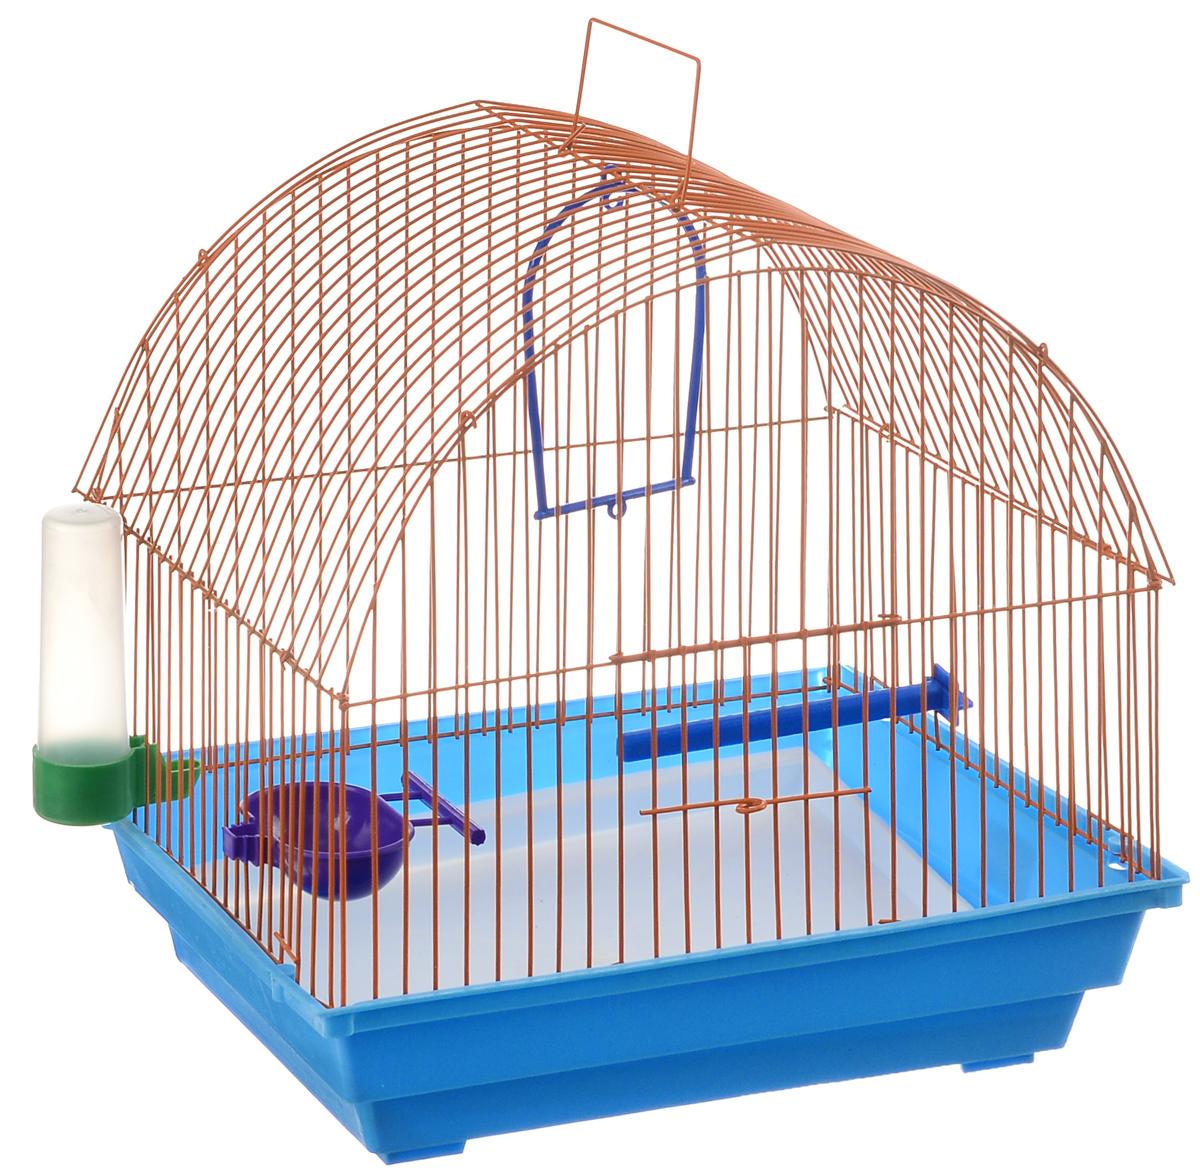 Клетка для птиц ЗооМарк, цвет: синий поддон, оранжевая решетка, 35 х 28 х 34 см420СОКлетка ЗооМарк, выполненная из полипропилена и металла с эмалированным покрытием, предназначена для мелких птиц. Изделие состоит из большого поддона и решетки. Клетка снабжена металлической дверцей. В основании клетки находится малый поддон. Клетка удобна в использовании и легко чистится. Она оснащена жердочкой, кольцом для птицы, поилкой, кормушкой и подвижной ручкой для удобной переноски. Комплектация: - клетка с поддоном, - малый поддон; - поилка; - кормушка; - кольцо.